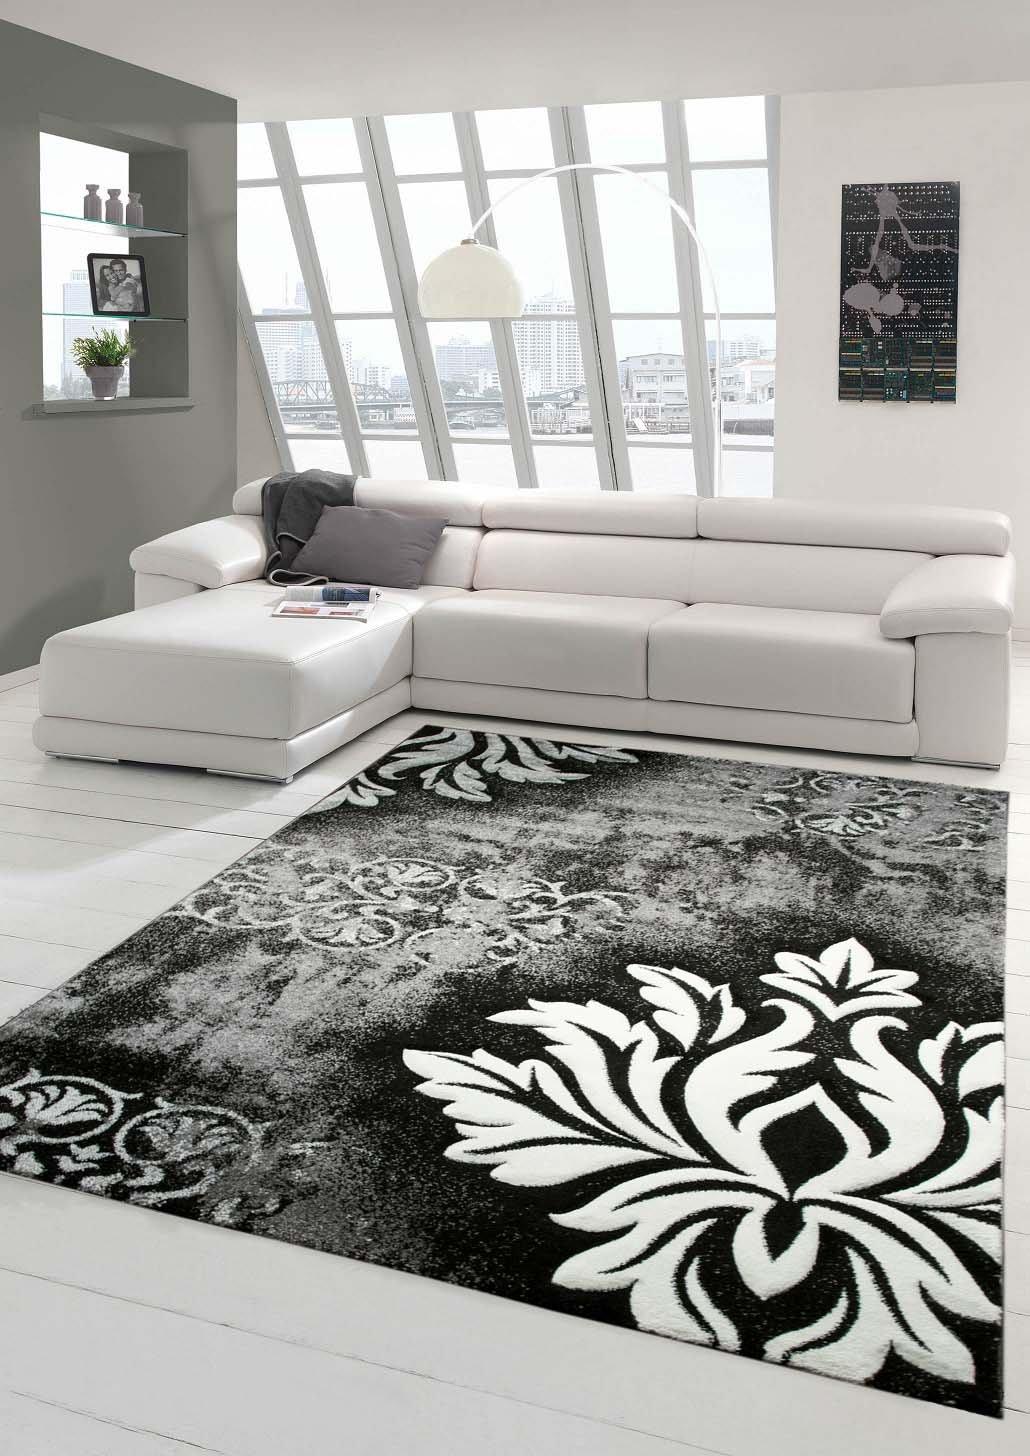 Designer Teppich Moderner Teppich Wohnzimmer Teppich Kurzflor Teppich mit Konturenschnitt und Karo Muster Grau Weiß Schwarz Größe 160x230 cm